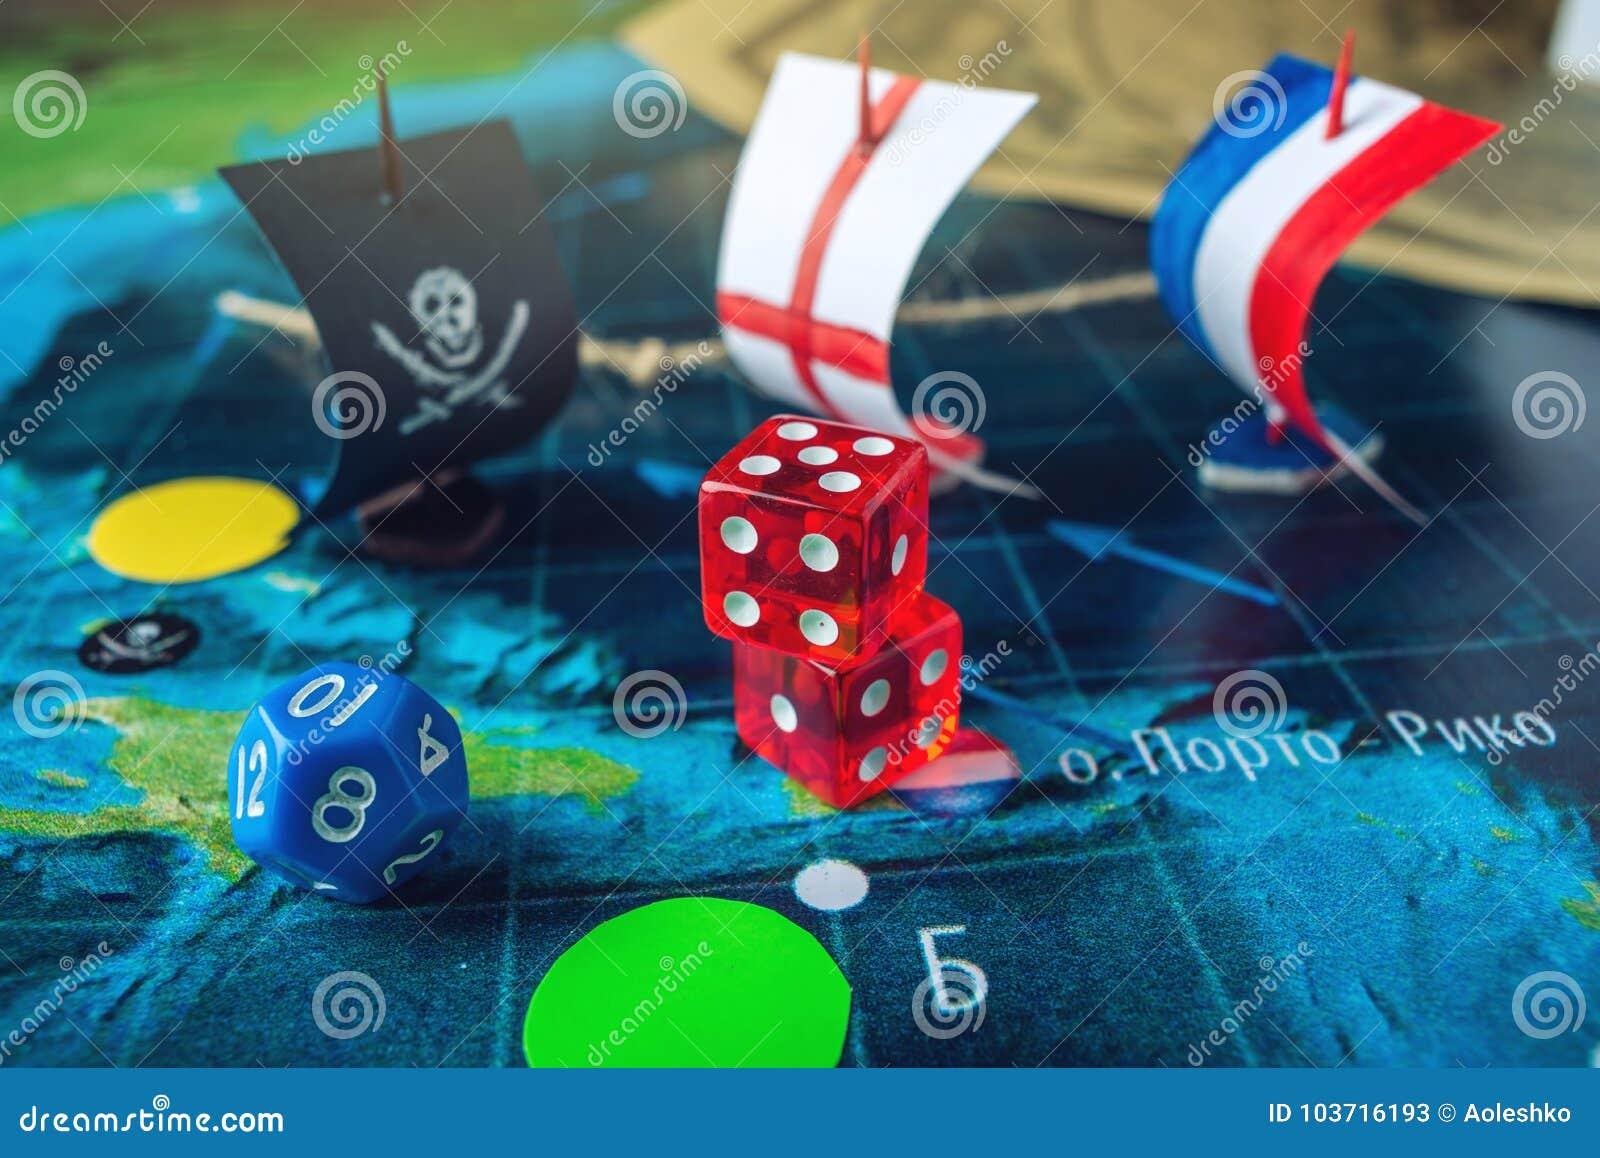 Rojo Que Juega Los Huesos En El Mapa Del Mundo De Los Juegos De Mesa